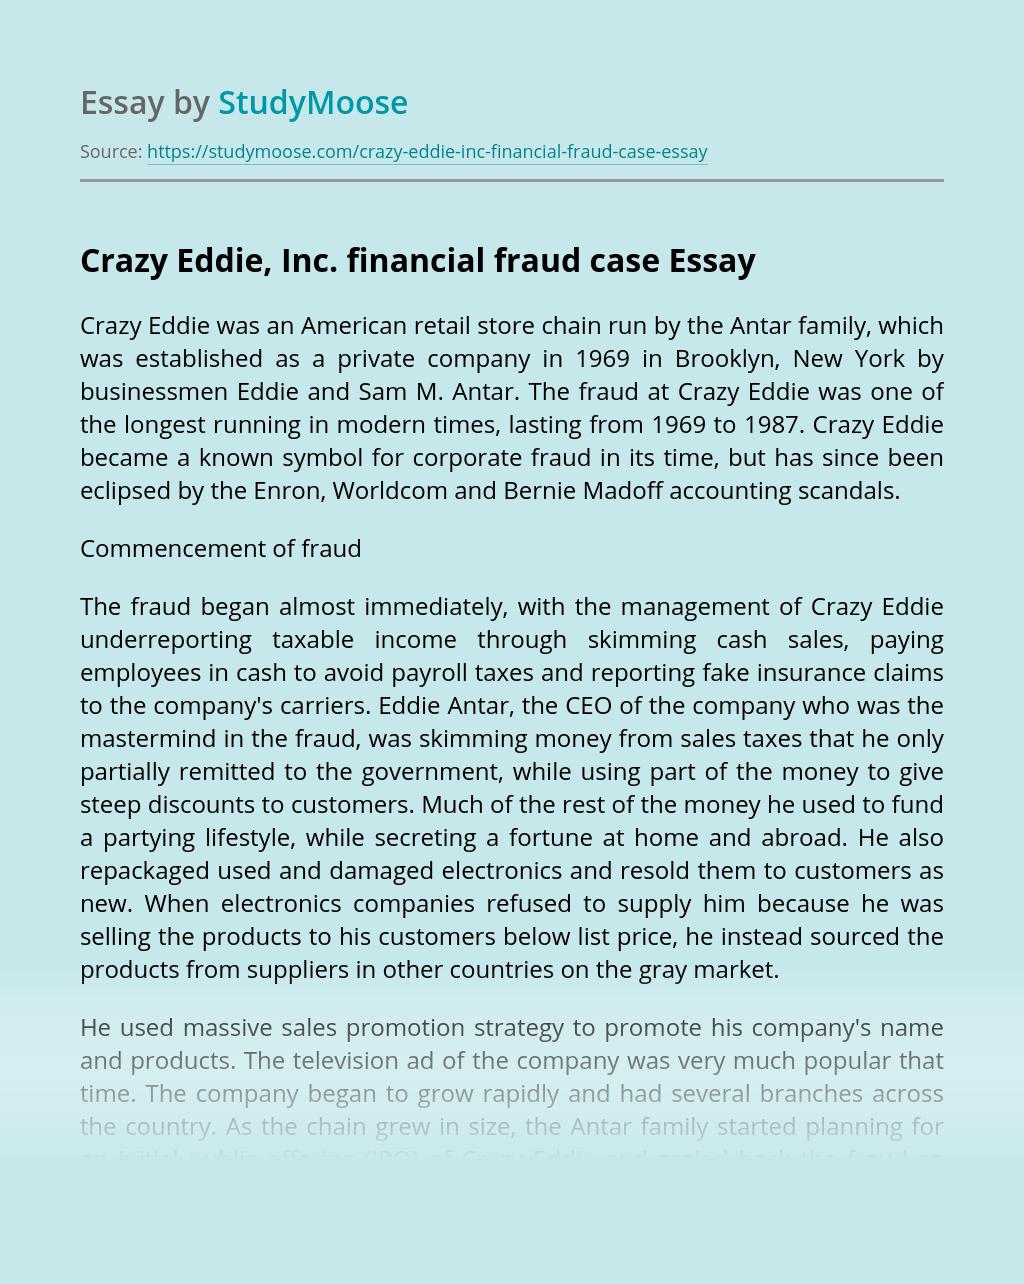 Crazy Eddie, Inc. financial fraud case